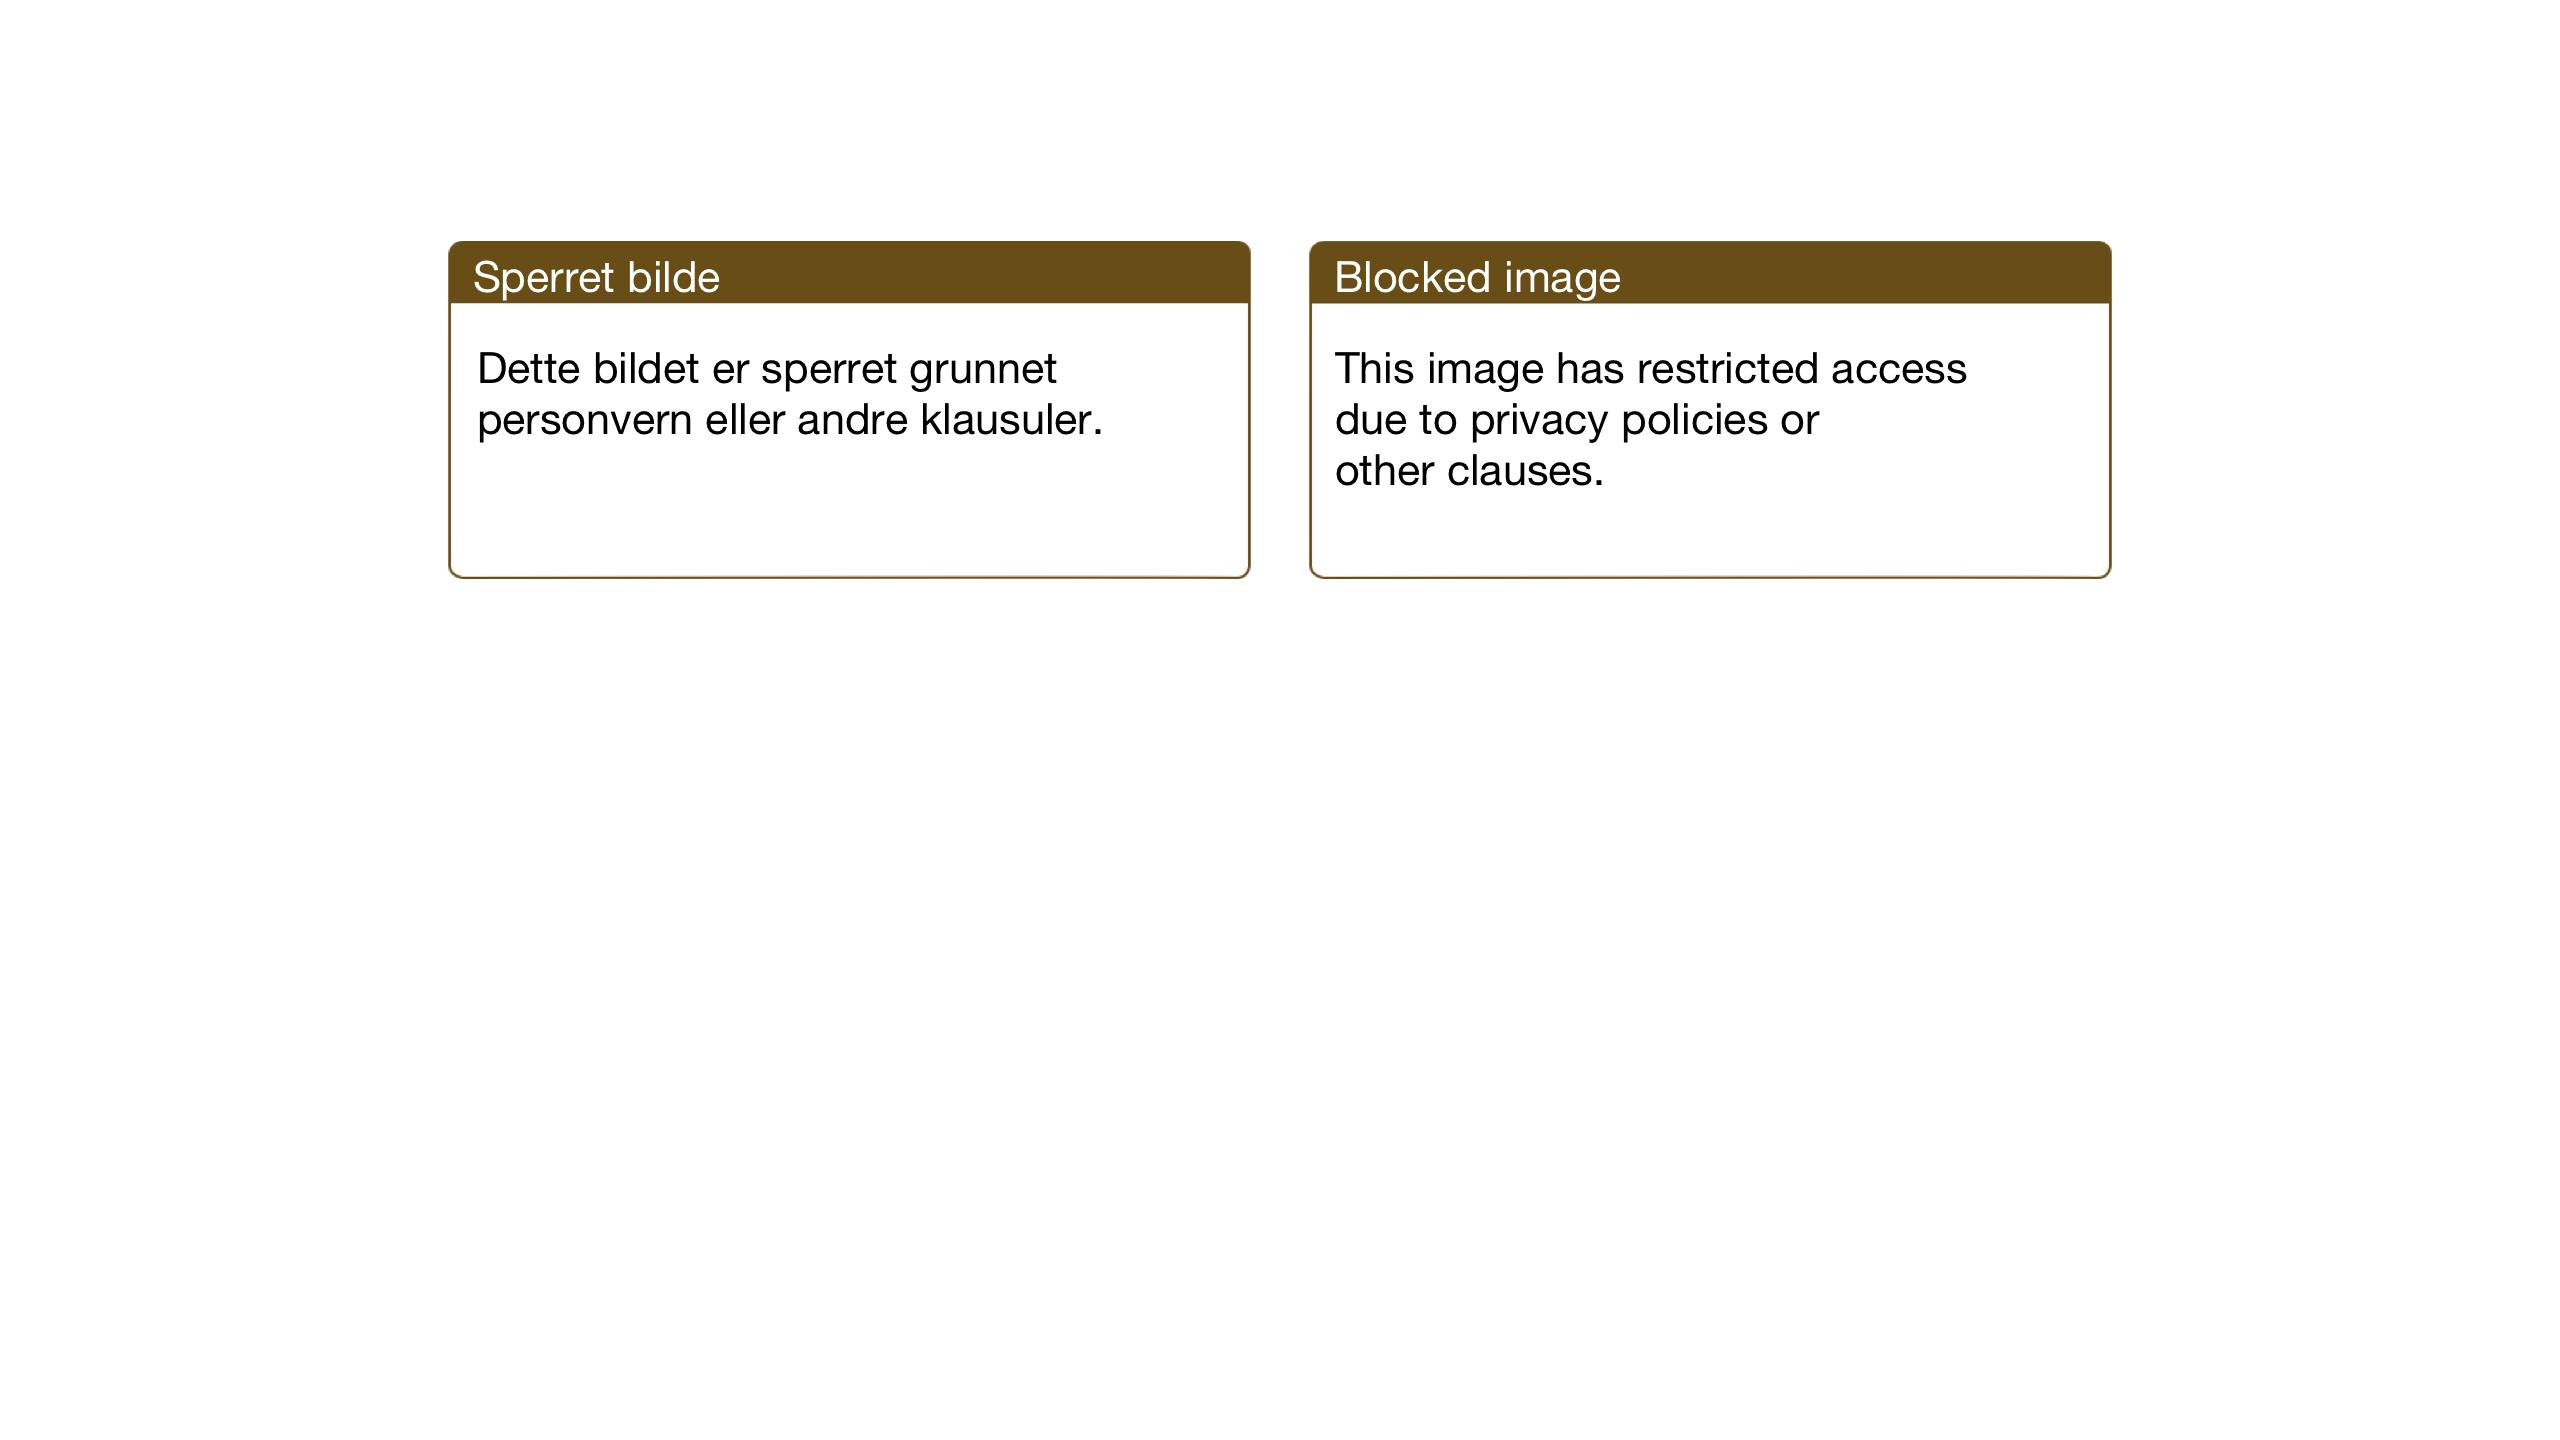 SAT, Ministerialprotokoller, klokkerbøker og fødselsregistre - Sør-Trøndelag, 693/L1124: Klokkerbok nr. 693C05, 1911-1941, s. 56